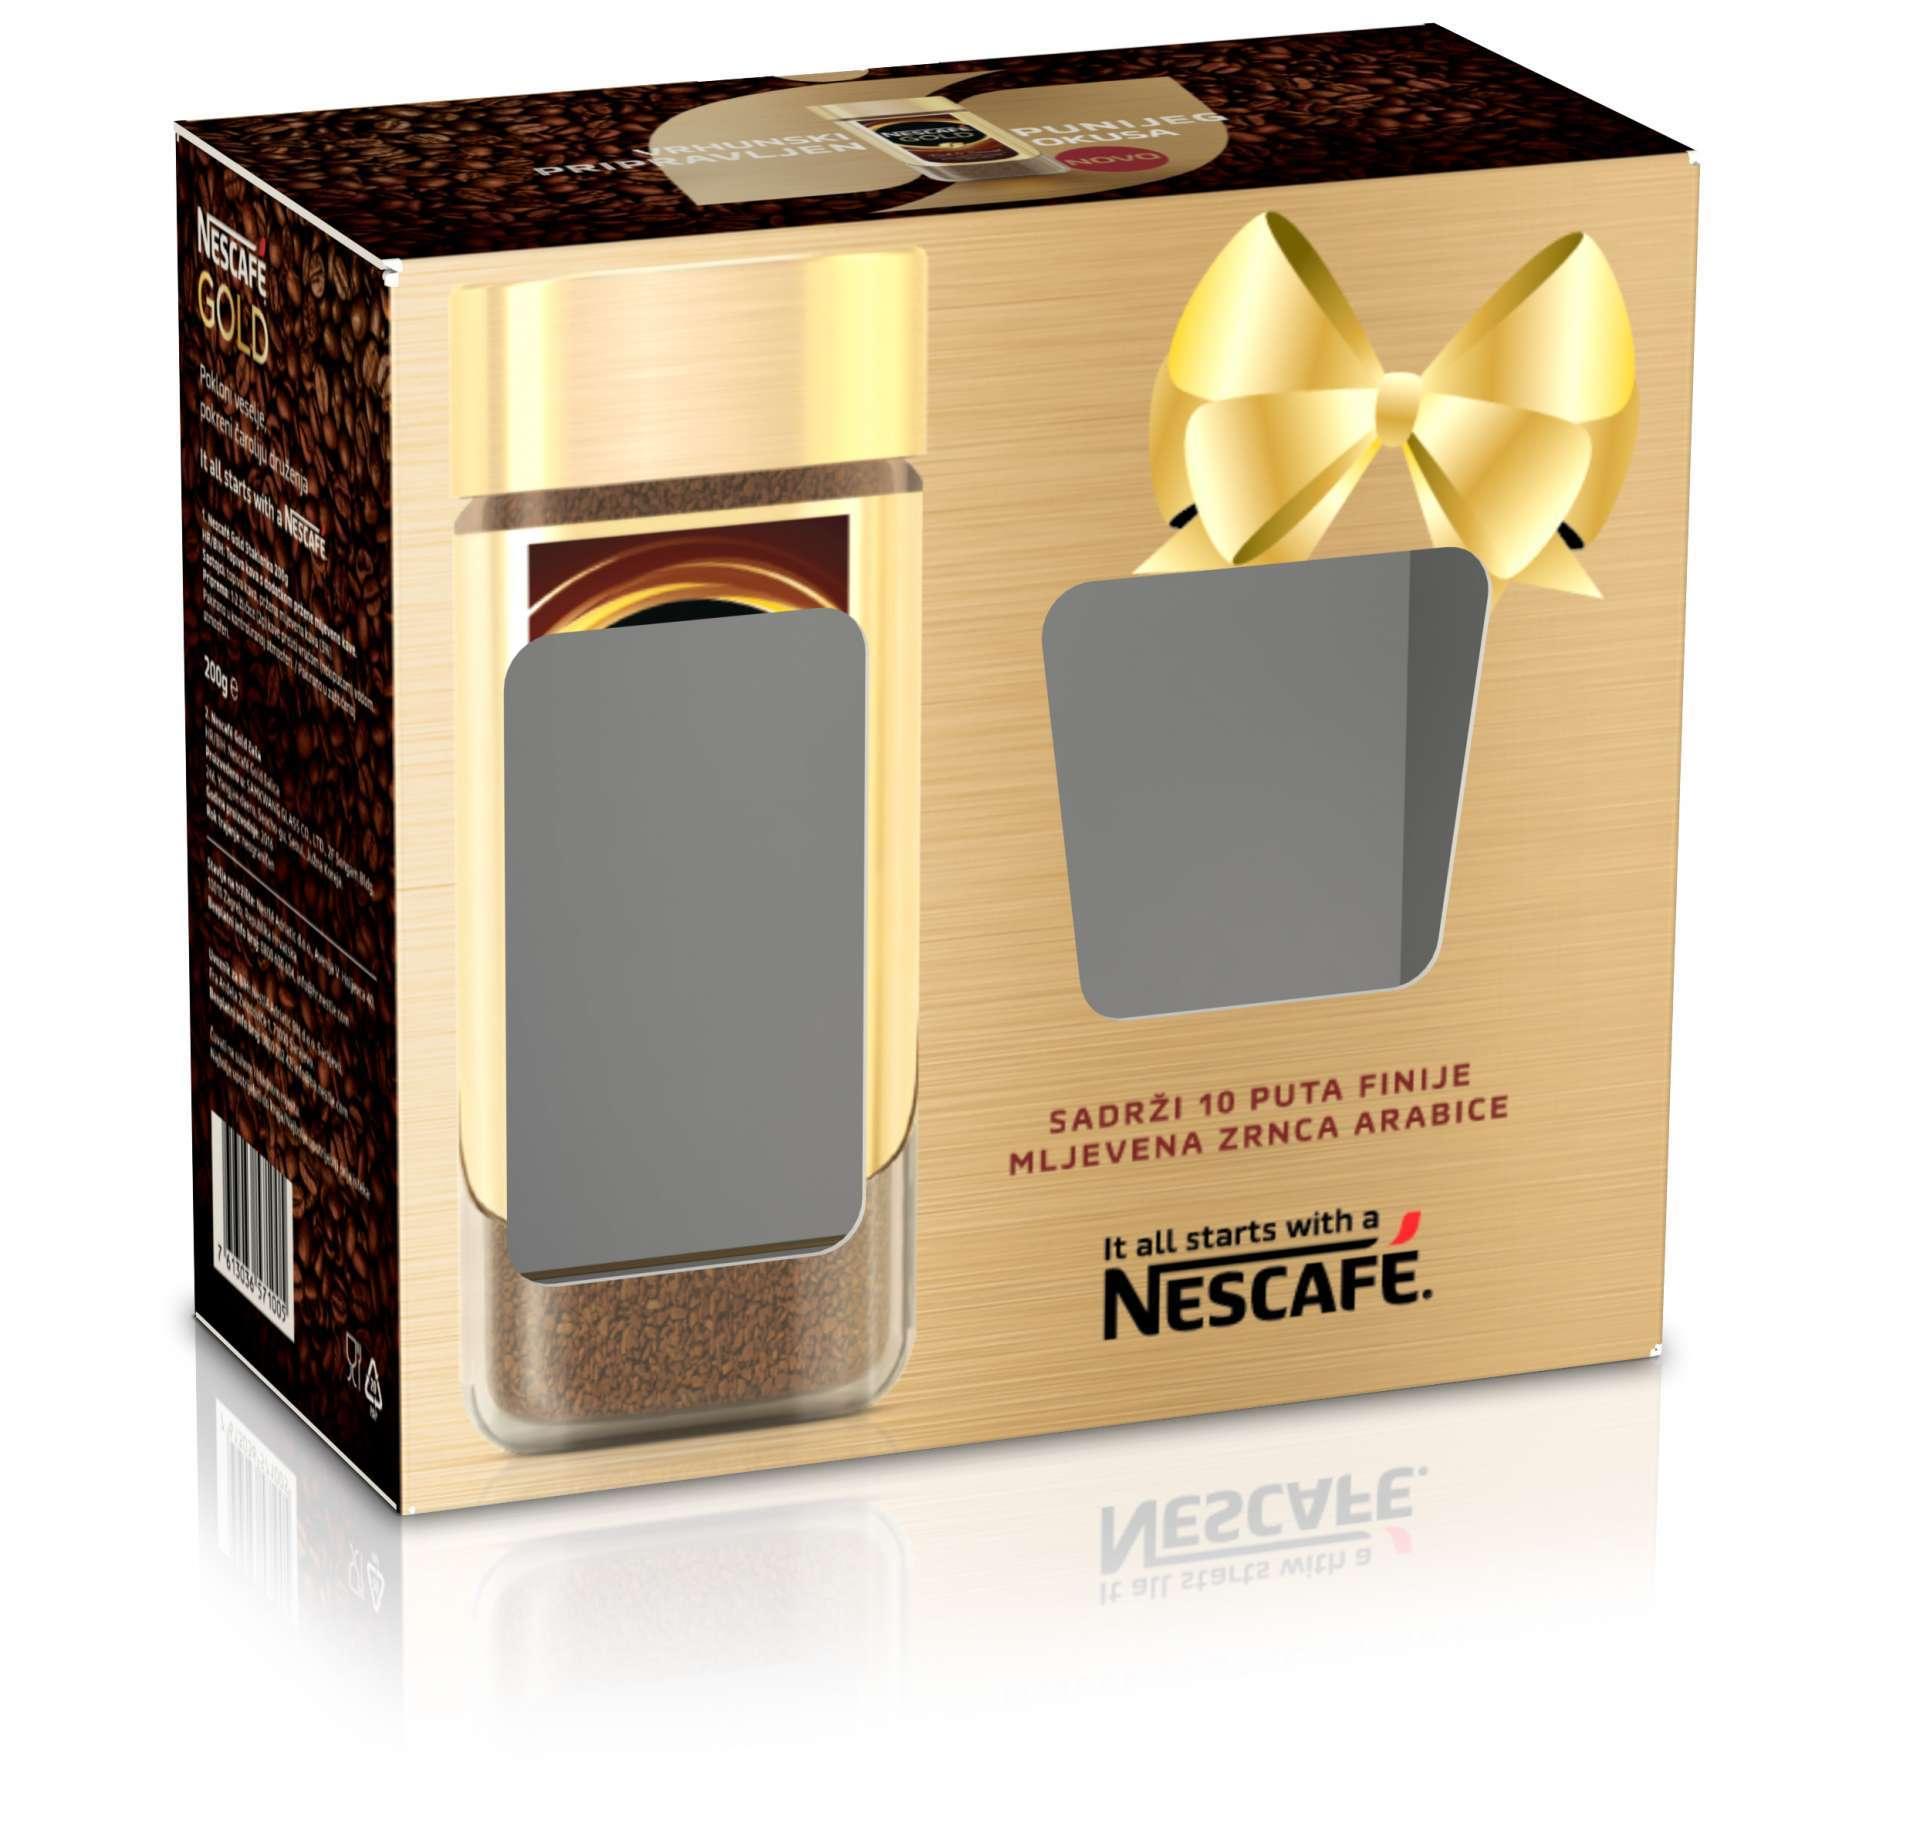 Kaširana kutija Nescafe